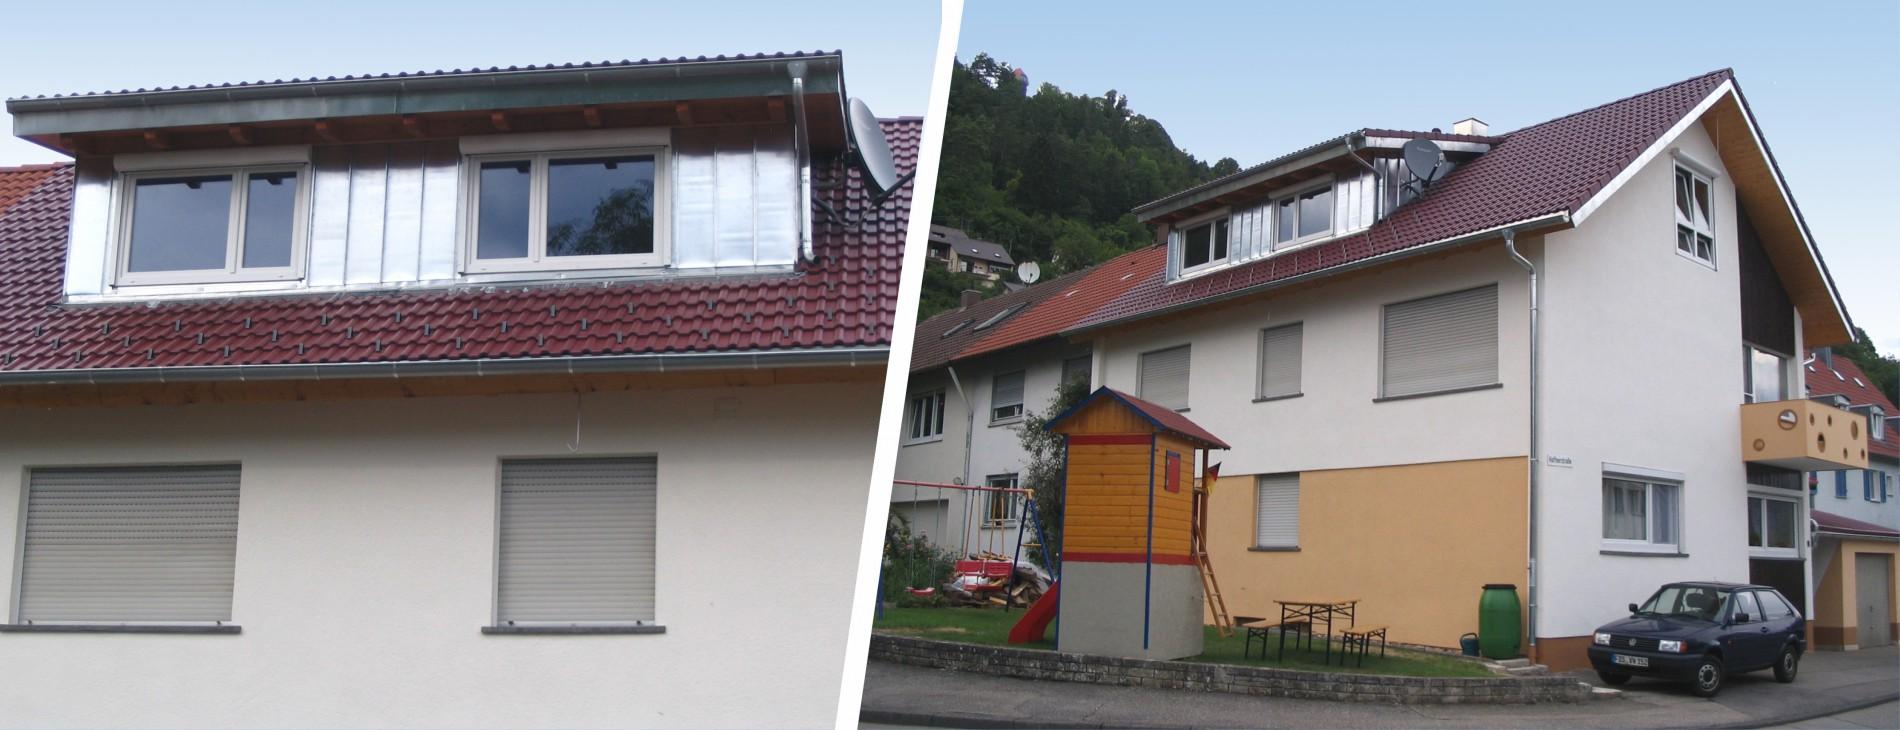 Dach-haus03